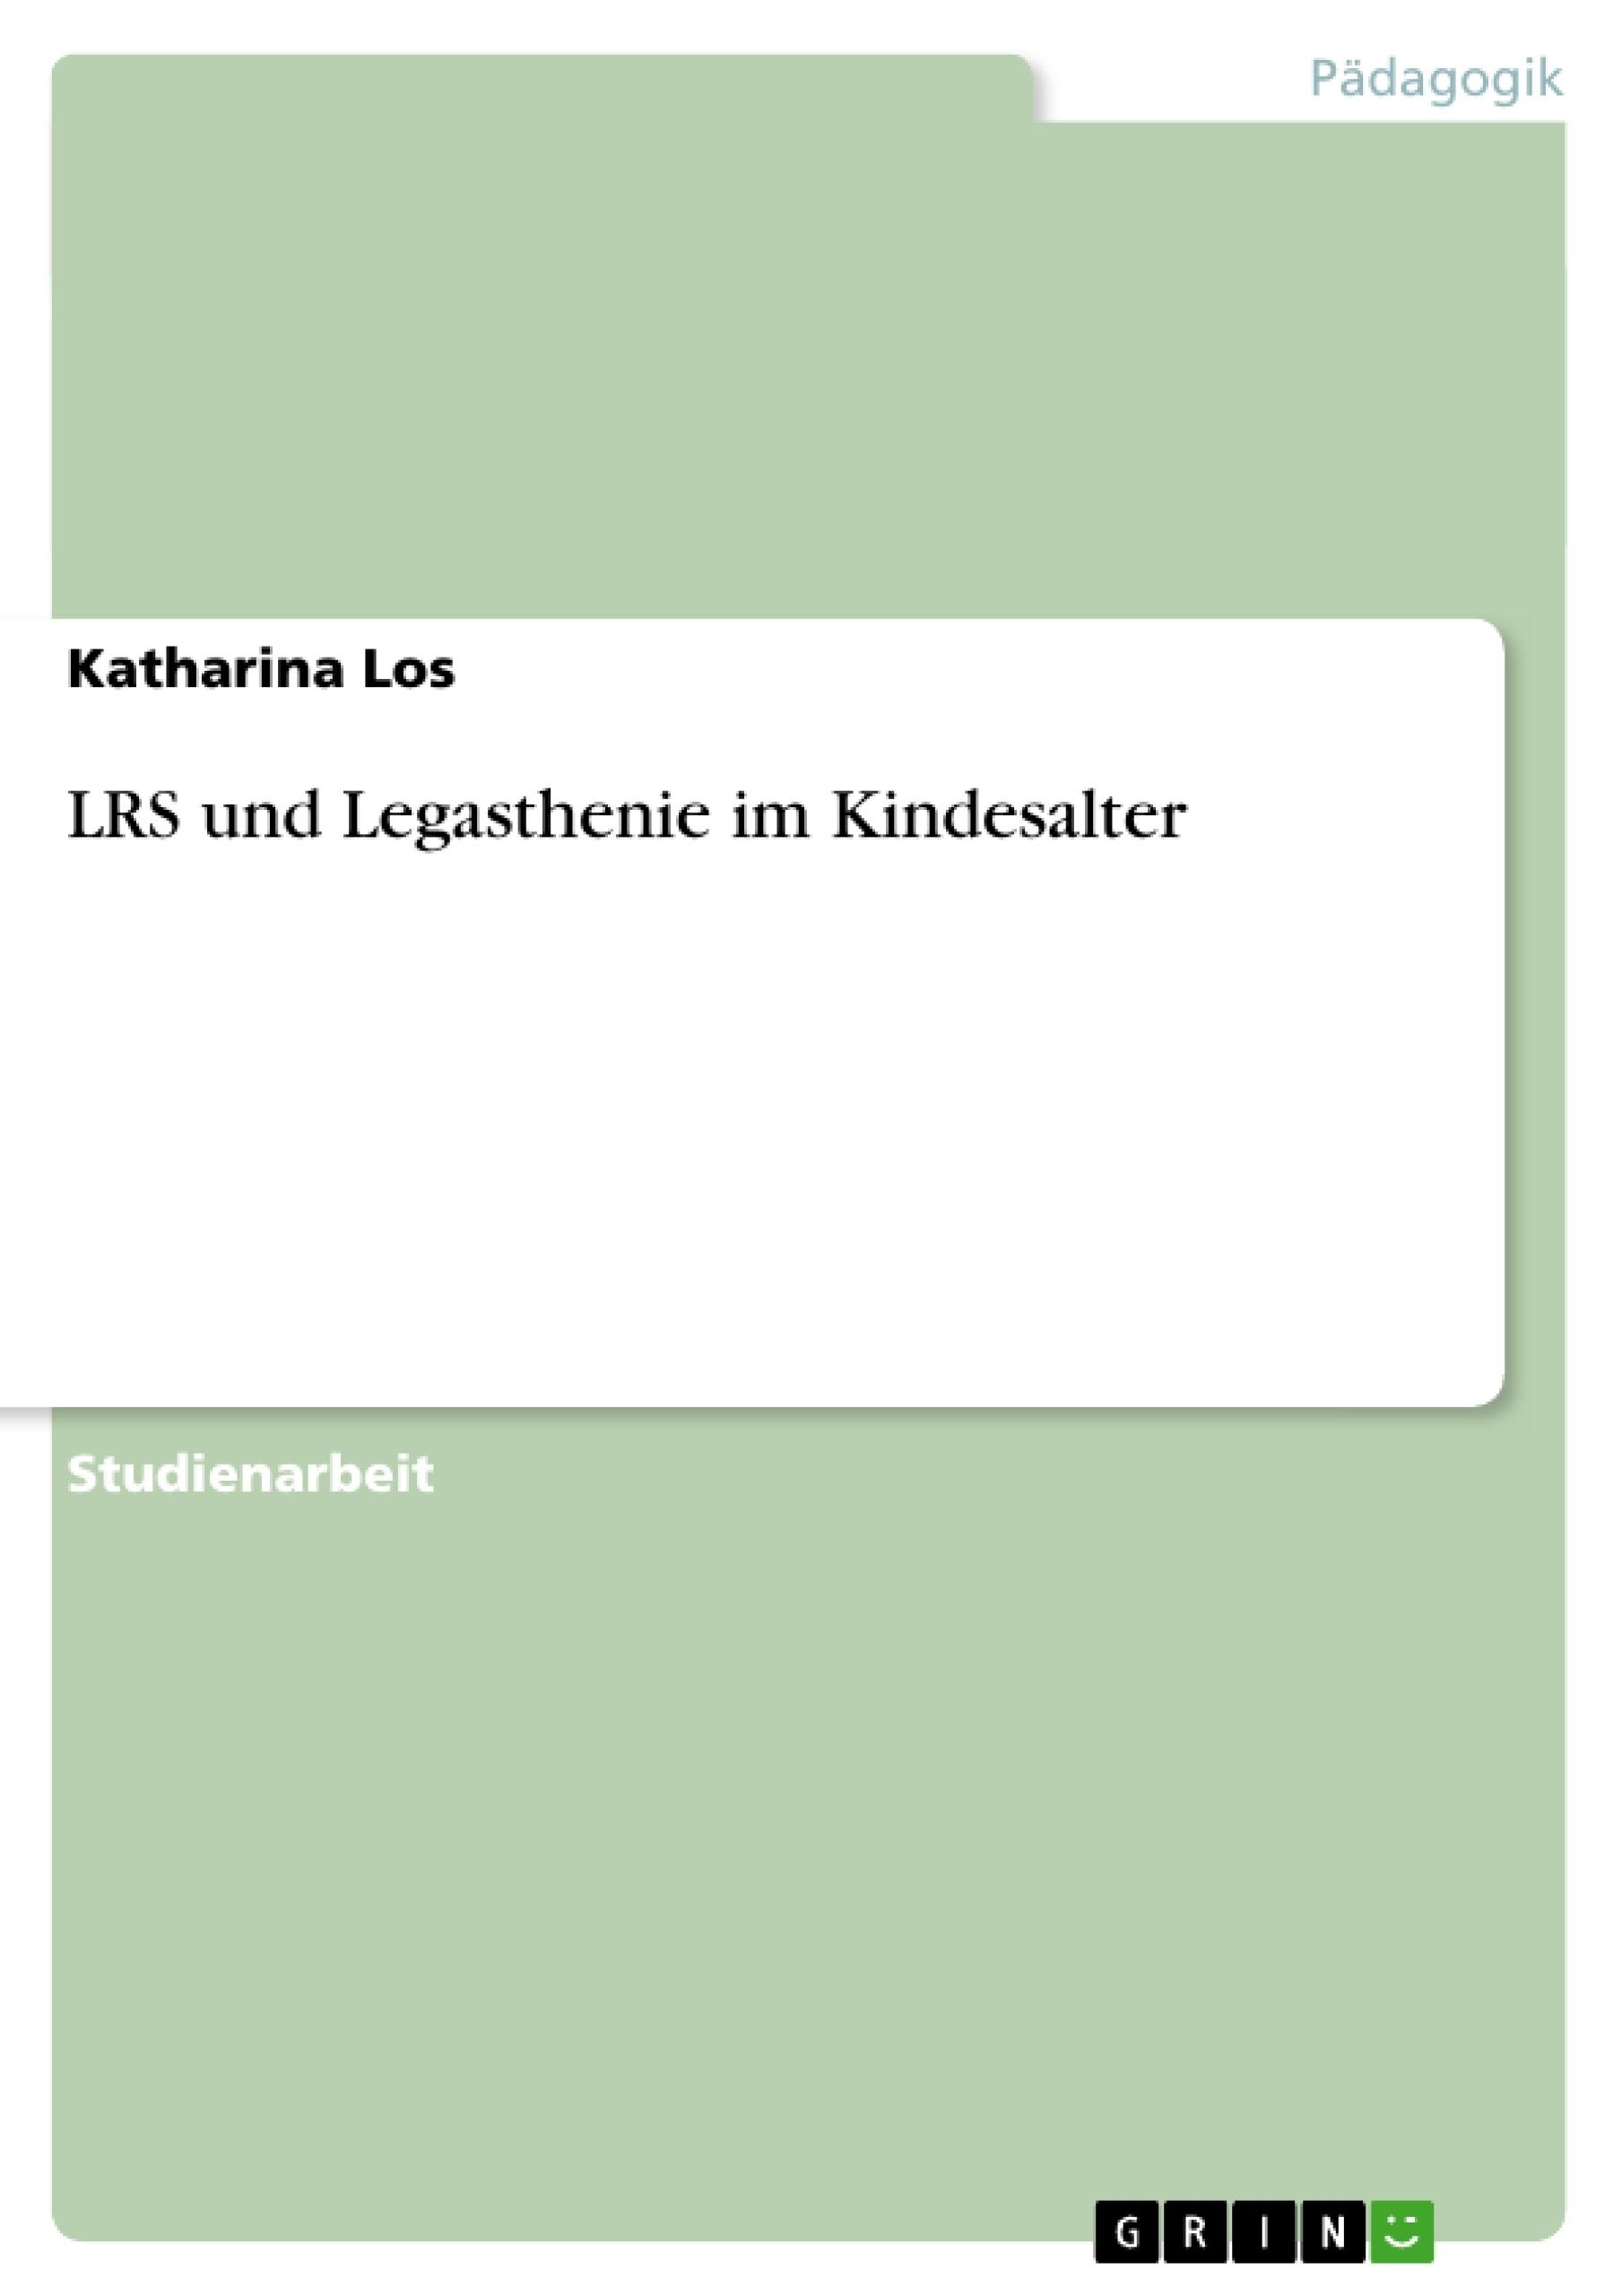 Titel: LRS und Legasthenie im Kindesalter